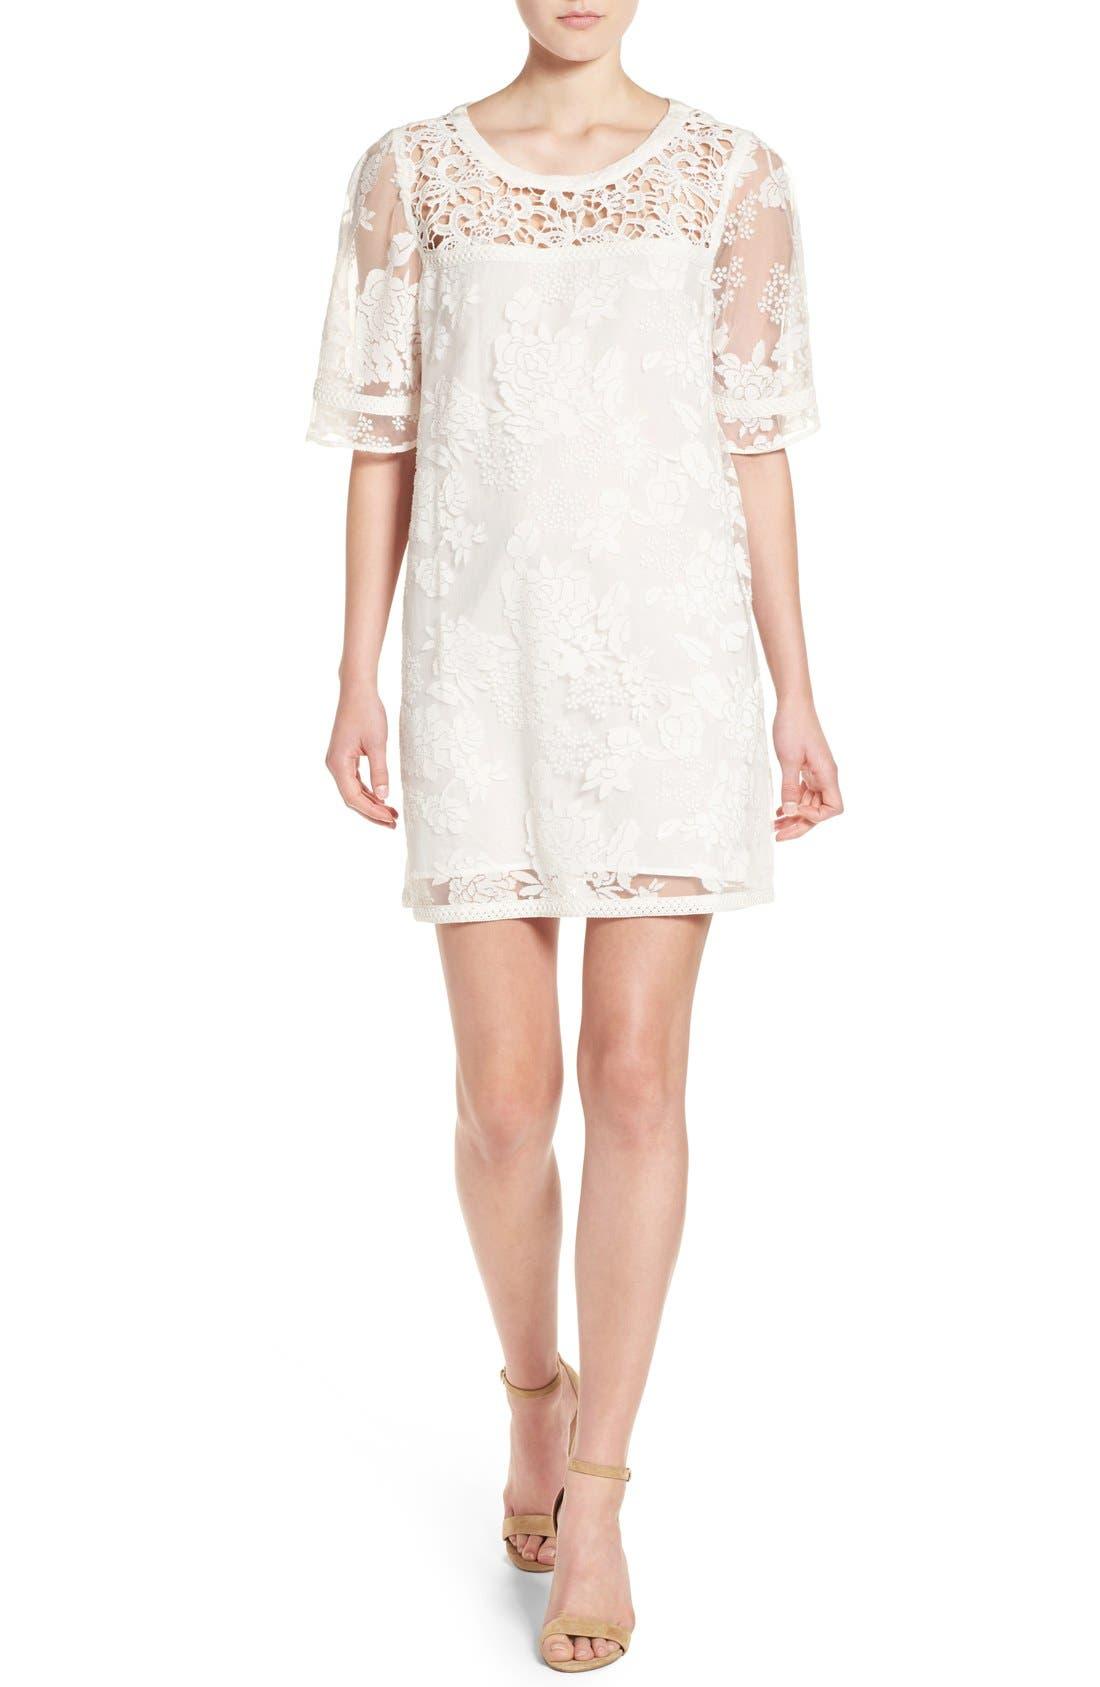 Alternate Image 1 Selected - Catherine Catherine Malandrino 'Mel' Lace Babydoll Dress